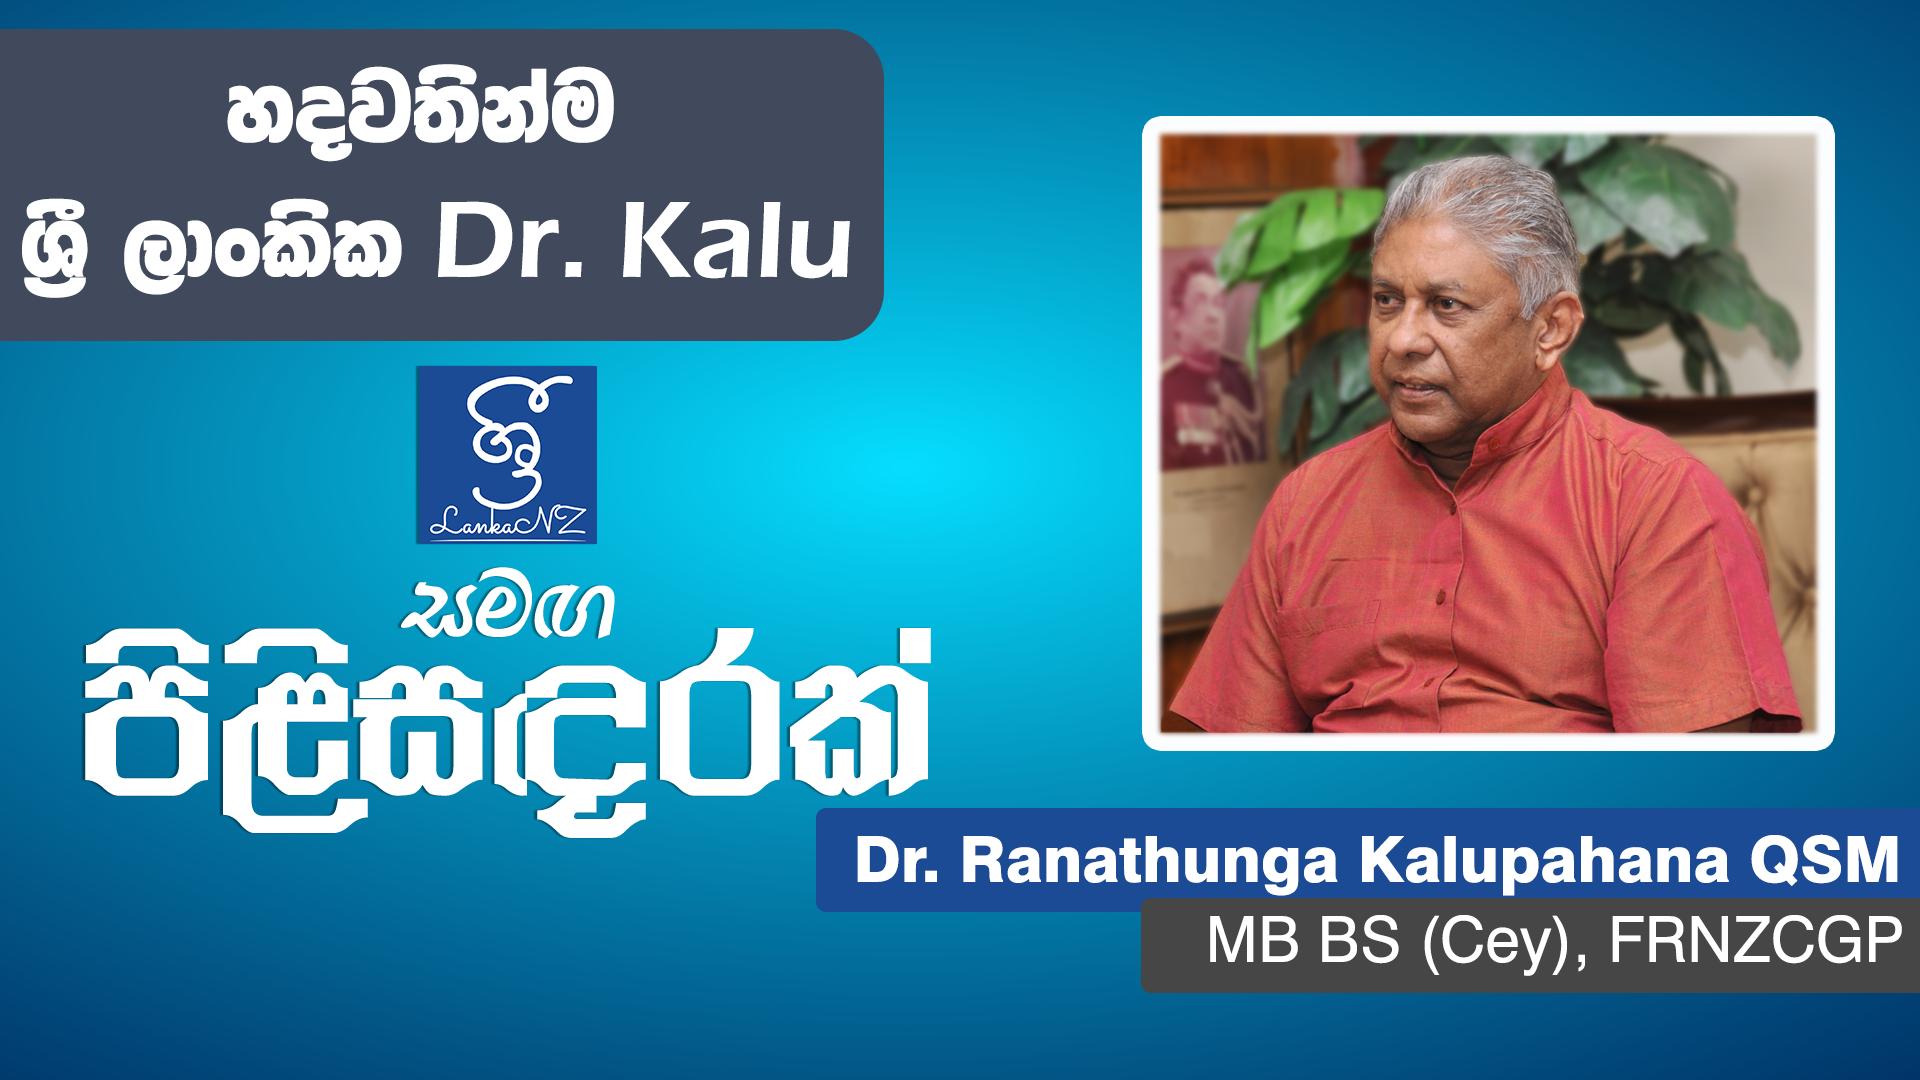 Interview with Dr. Ranatunga Kalupahana (Interviewed- Lakjeewani Wimalasiri | Writtern by Gavithri Yatigammana ) – ශ්රී LankaNZ